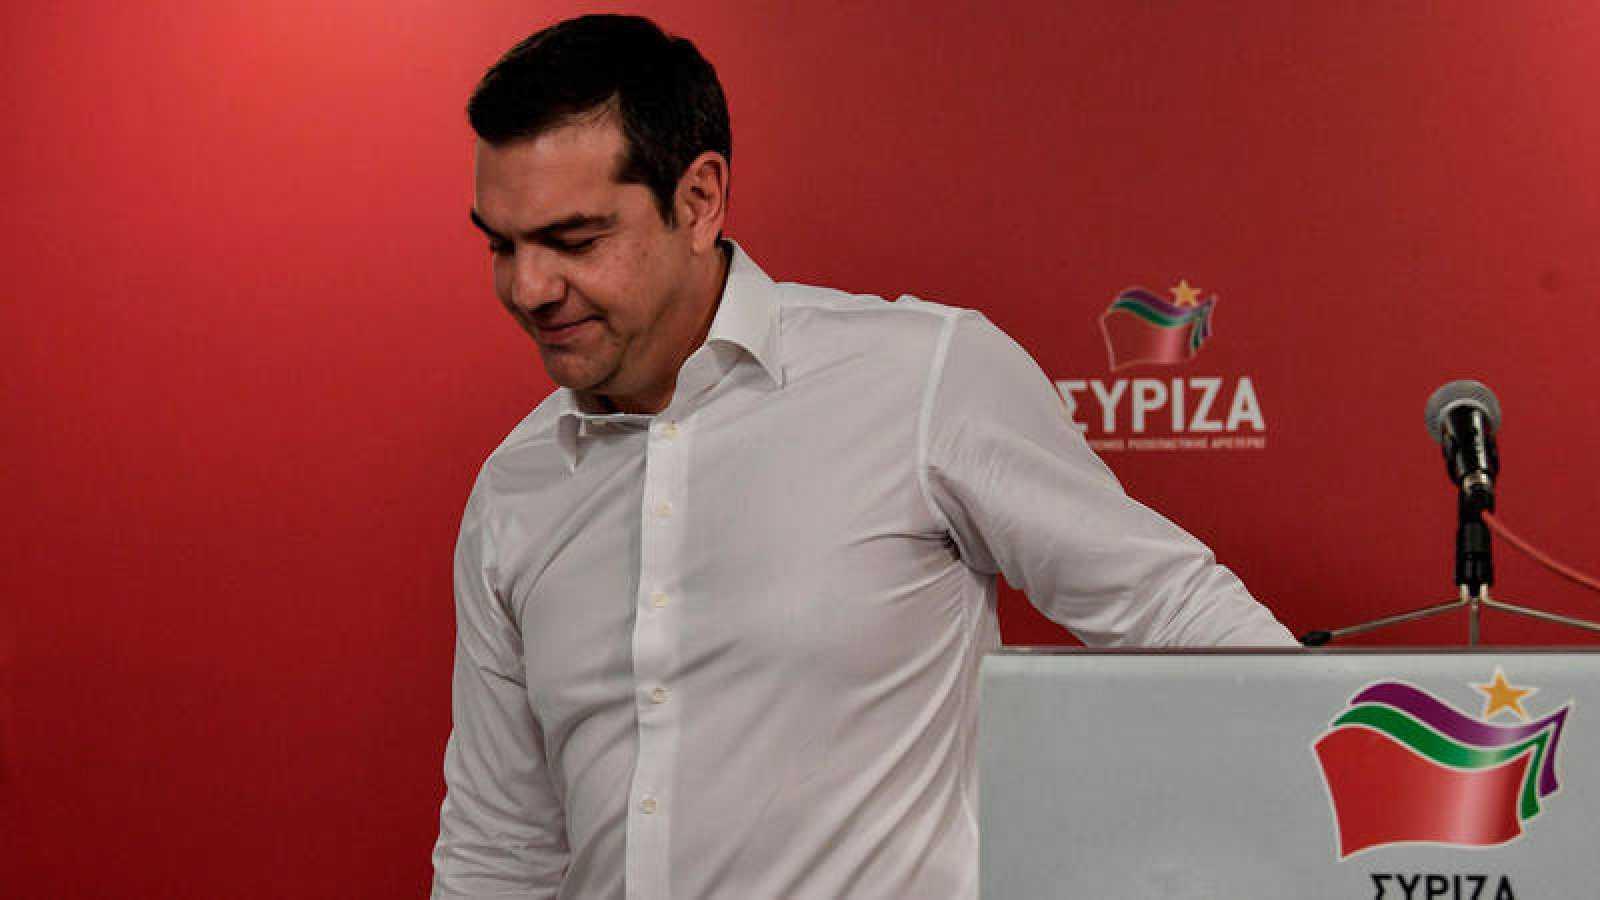 El primer ministro de Grecia,Alexis Tsipras